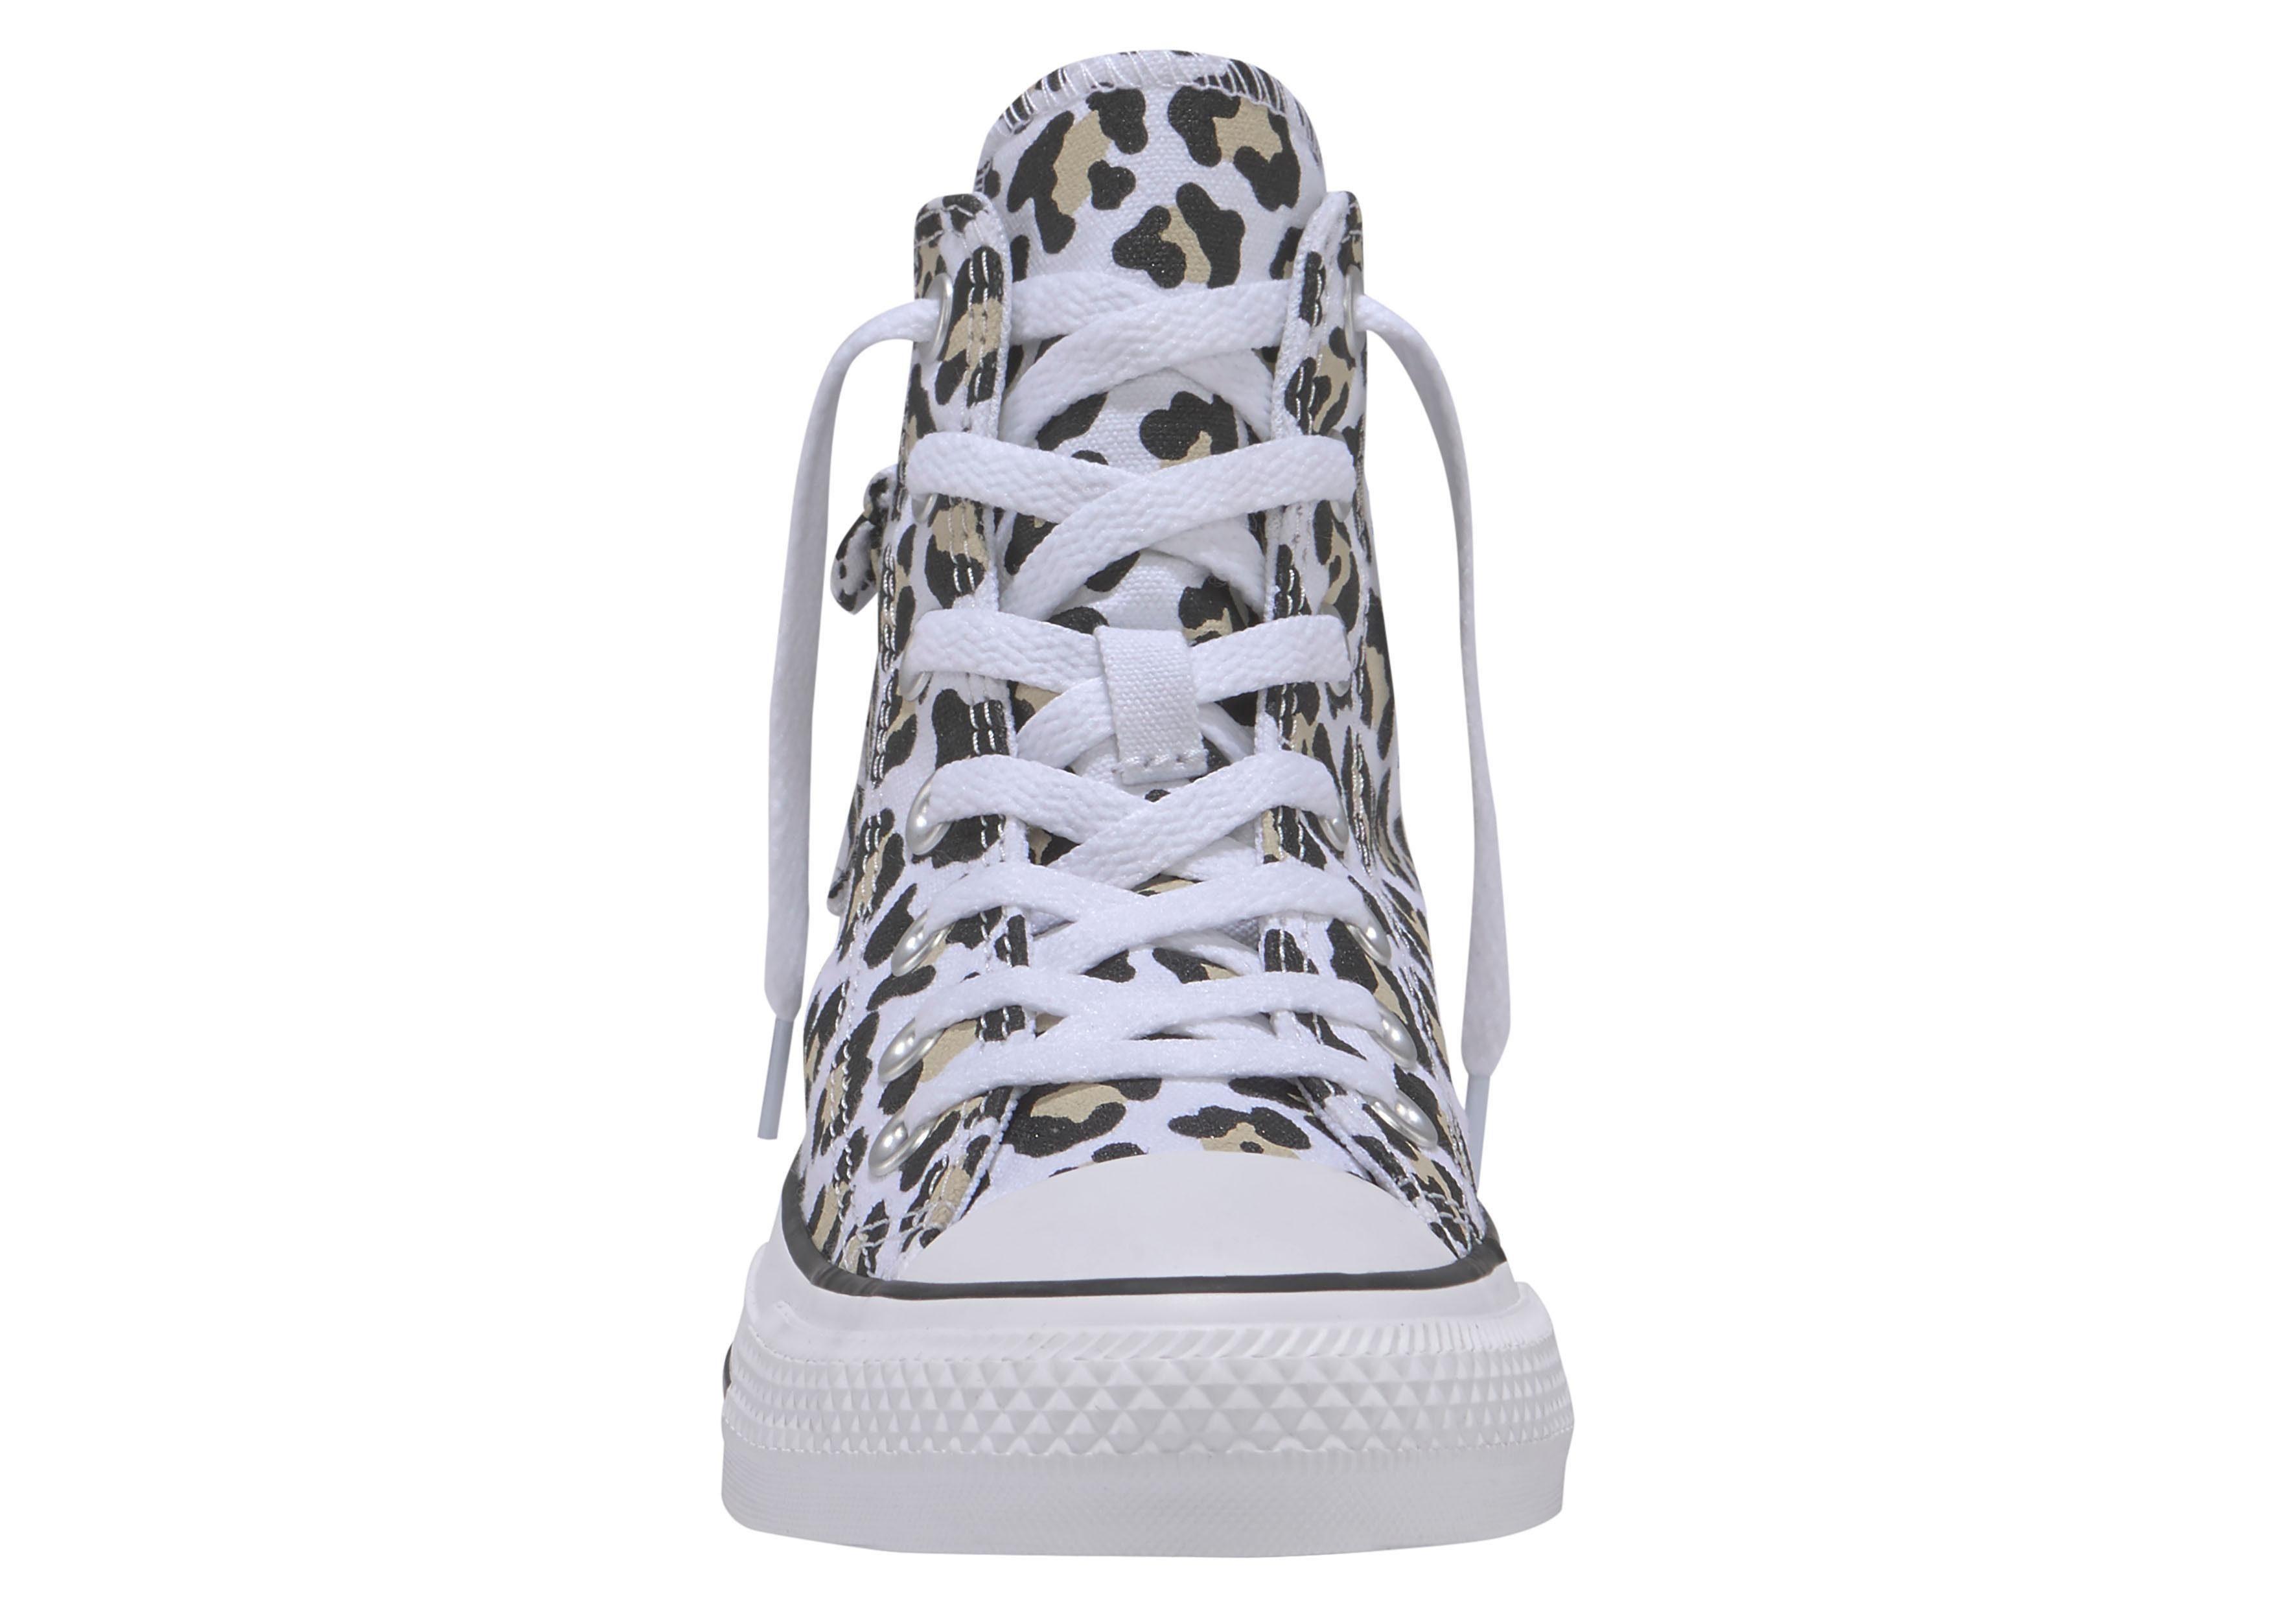 Converse Sneakers Chuck Taylor All Star Pocket Hi Makkelijk Besteld - Geweldige Prijs